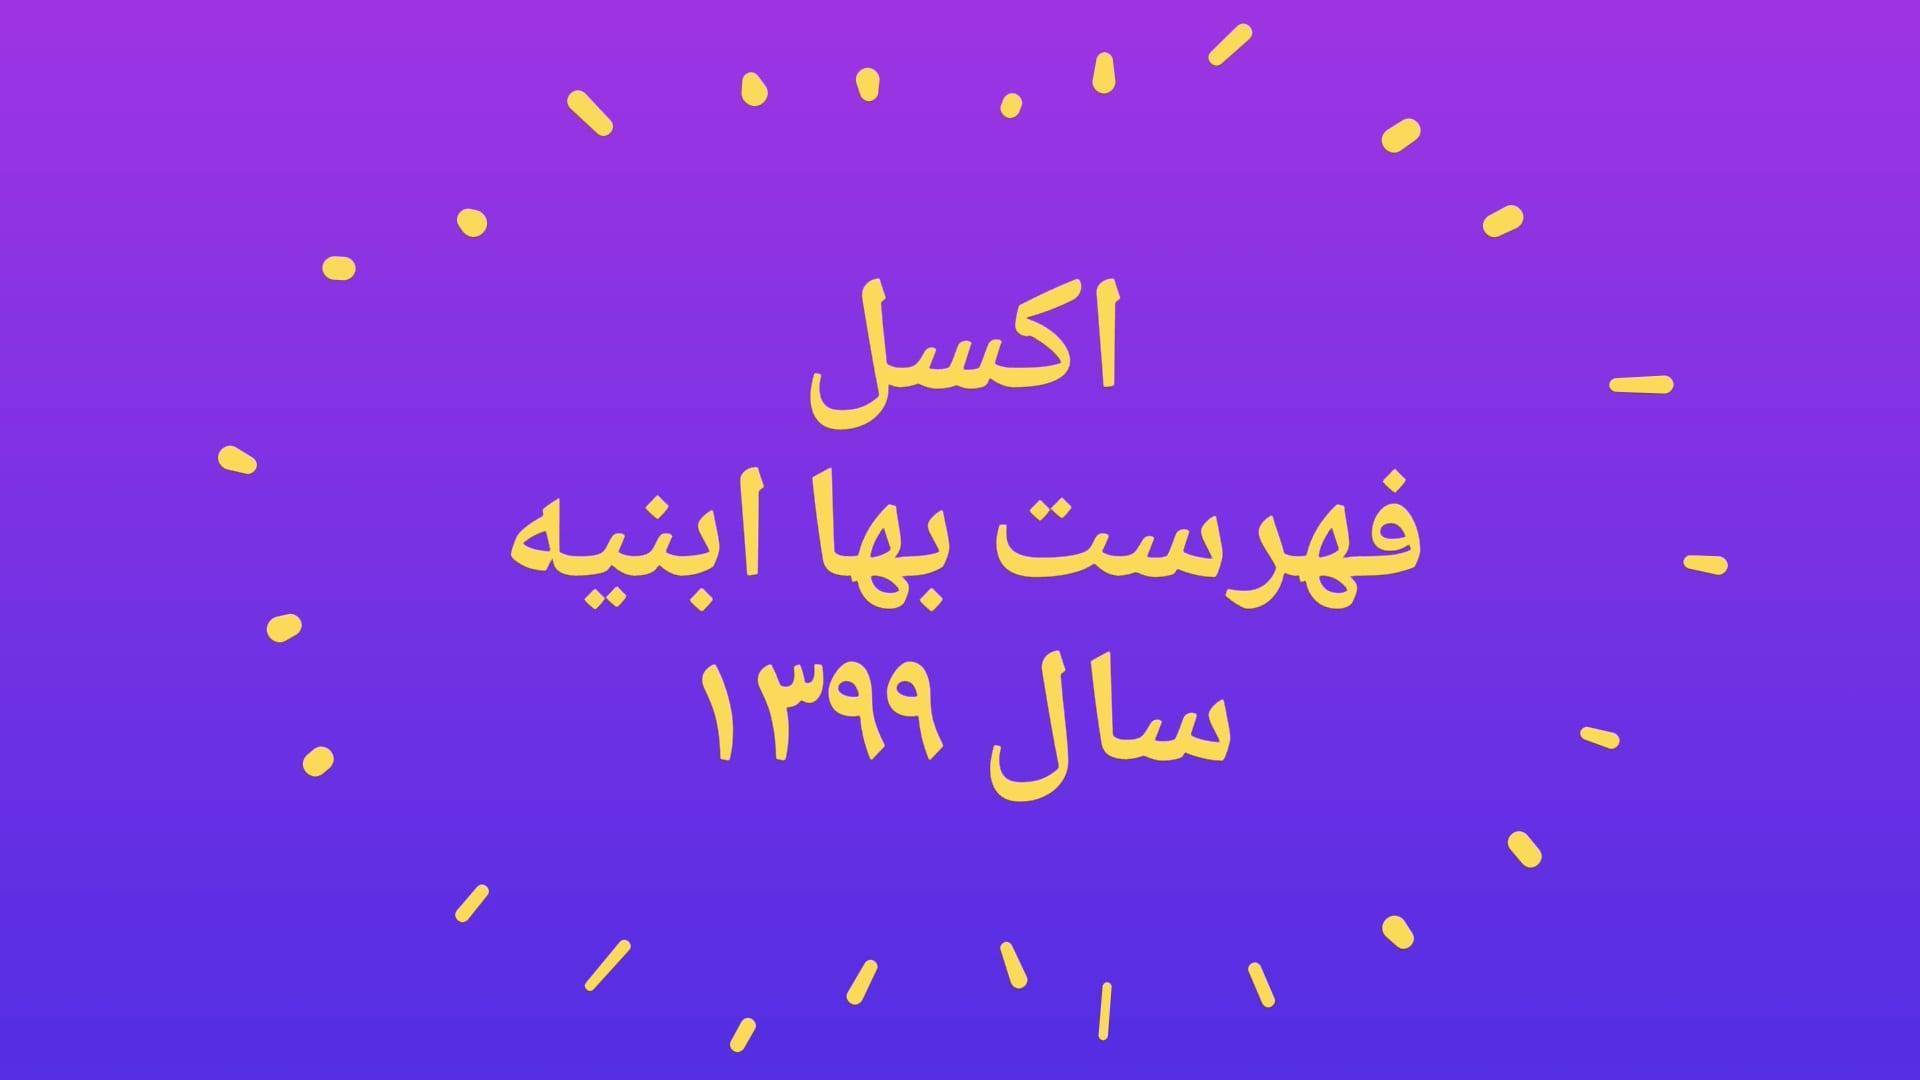 اکسل فهرست بها ابنیه سال 1399